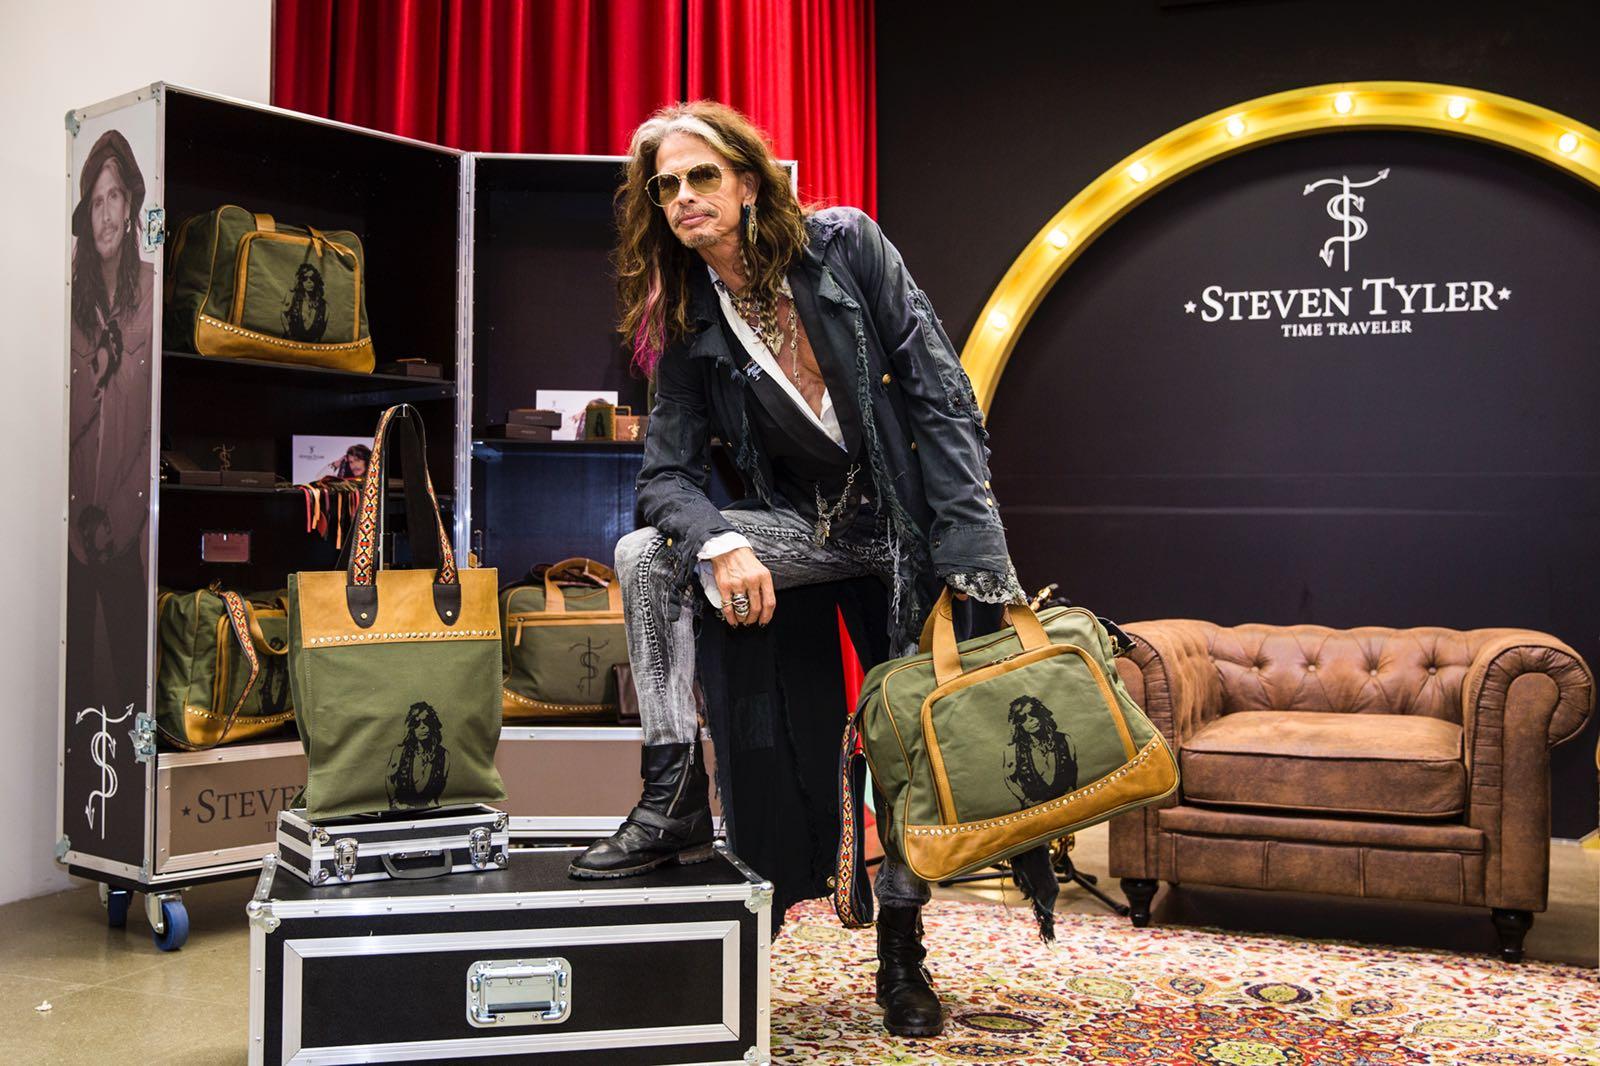 La icónica leyenda del rock Steven Tyler crea su propia marca en ... 70ef18dad00